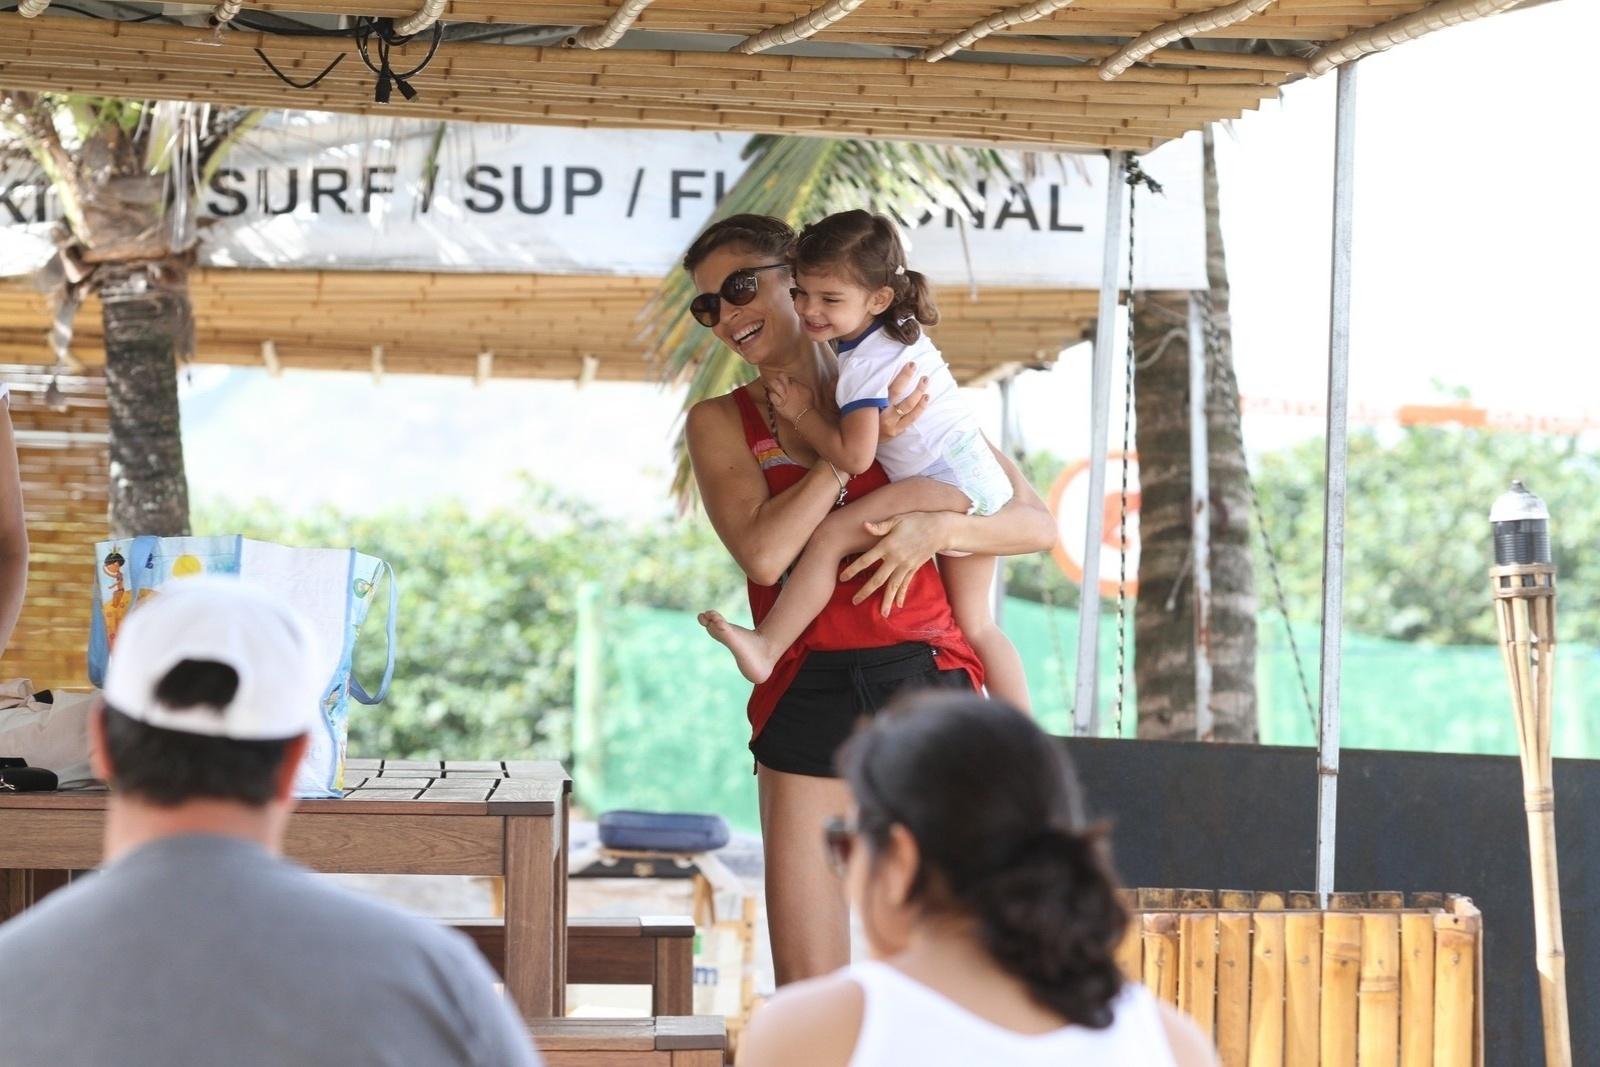 23.jun.2014 - Grazi Massafera brinca na praia da Barra da Tijuca, Zona Oeste do Rio, com a filha Sofia. Após se divertirem na areia, as duas aproveitaram para beber água de coco em um quiosque. Elas estavam acompanhadas da atriz Ana Lima, que fez caminhada com Grazi